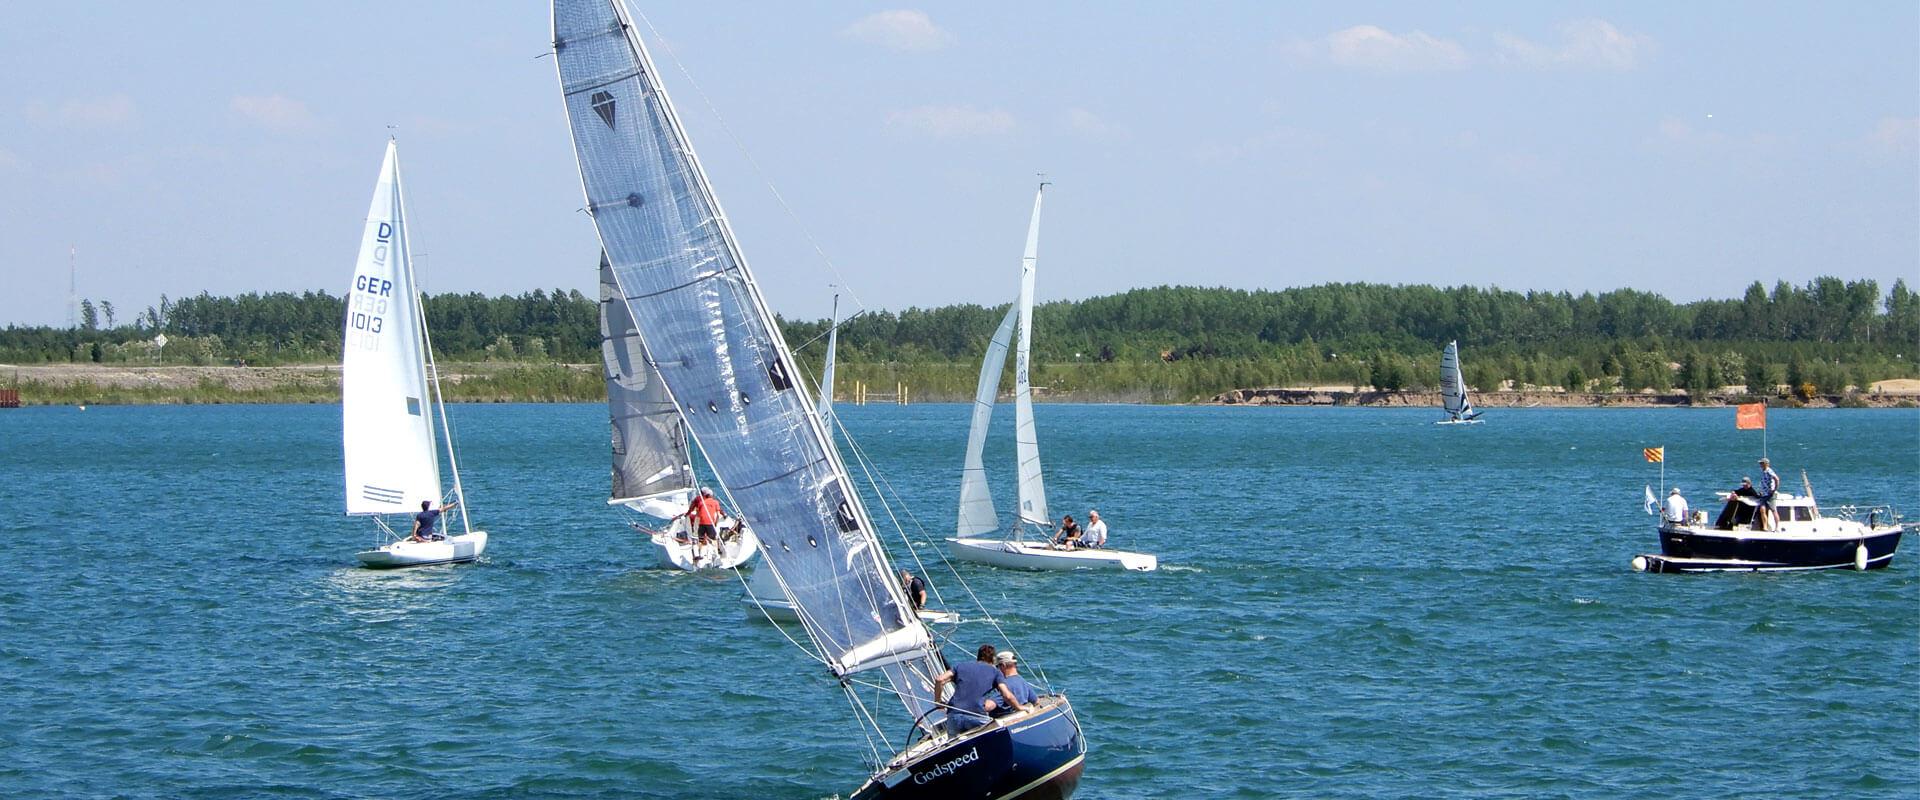 Startseite Segelboote 1